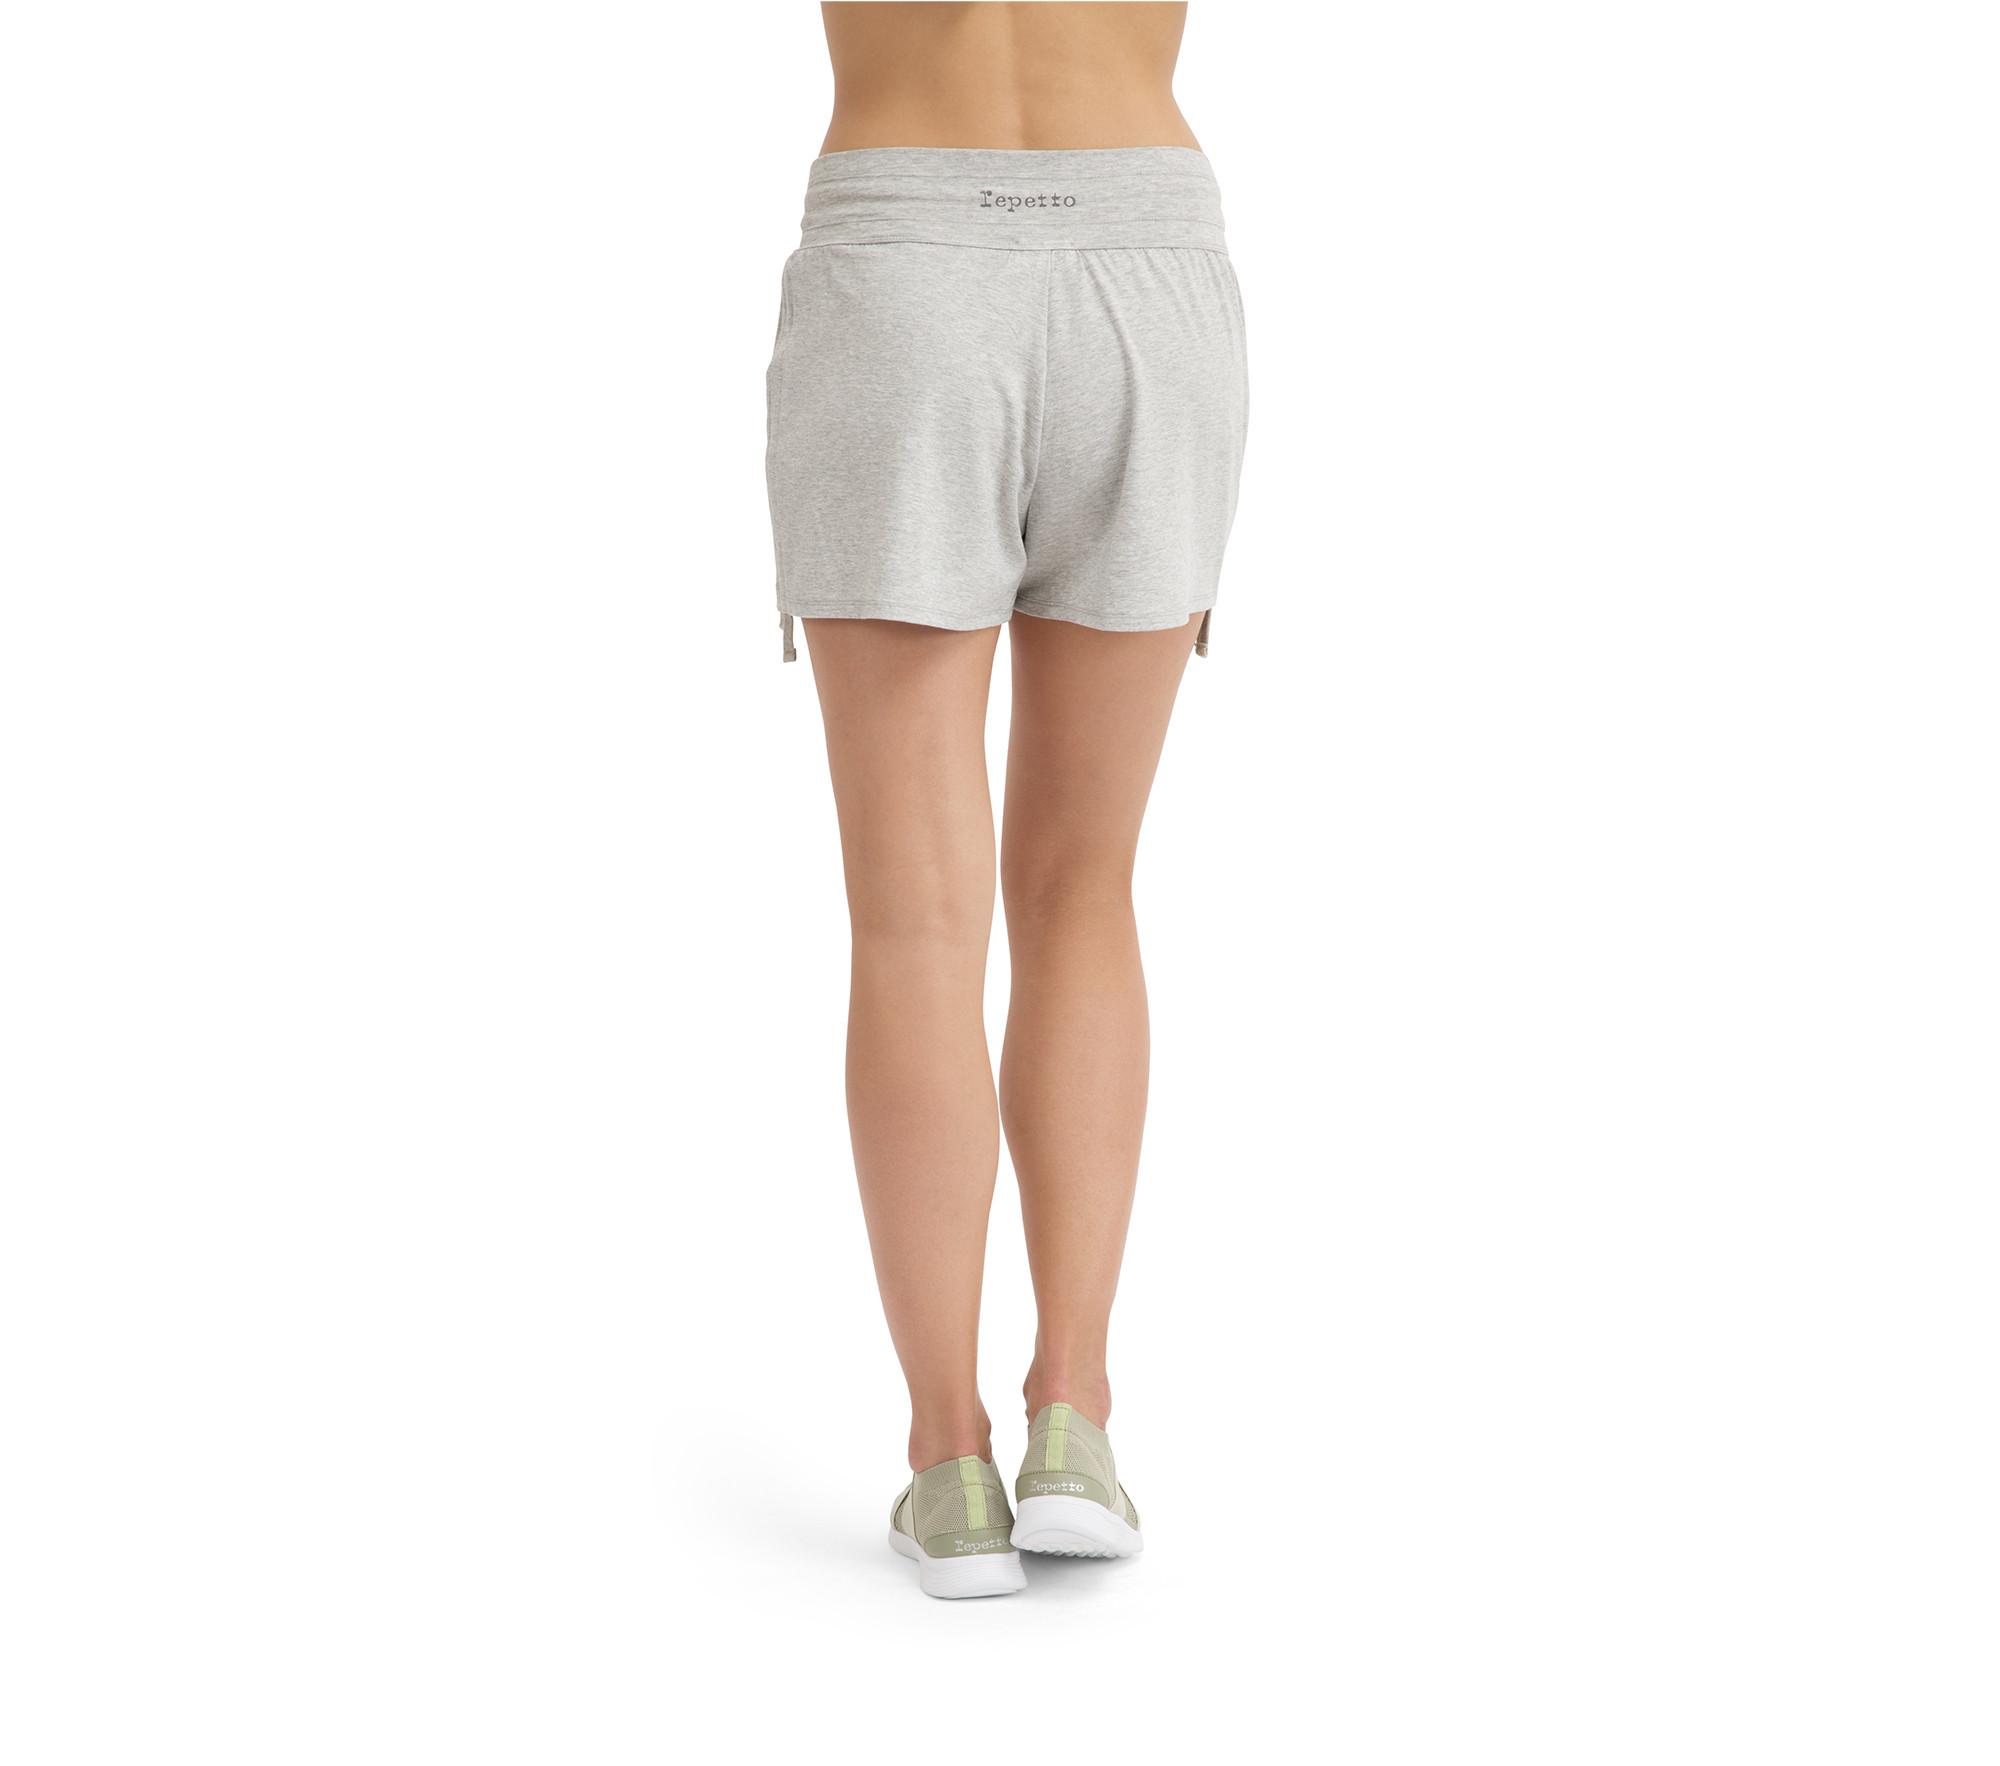 Viscose short shorts